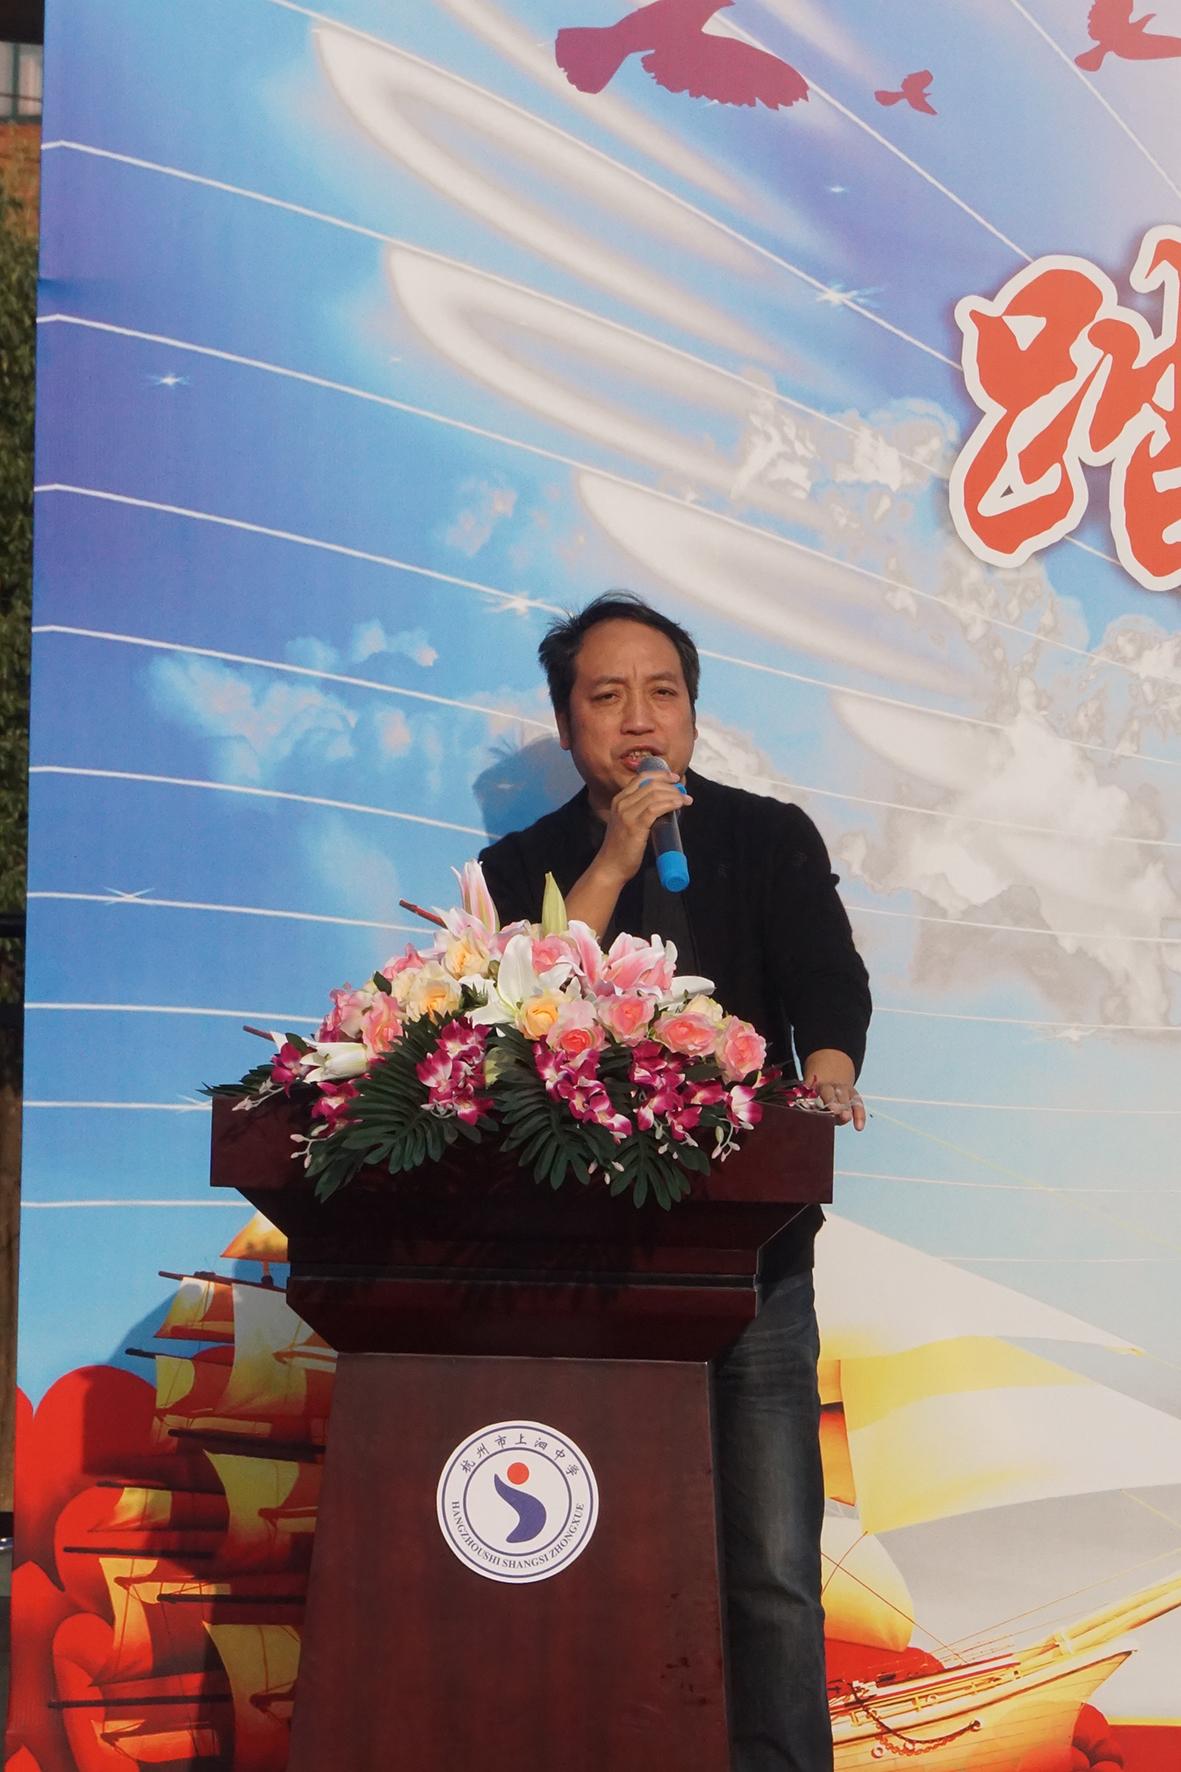 翁明华副校长